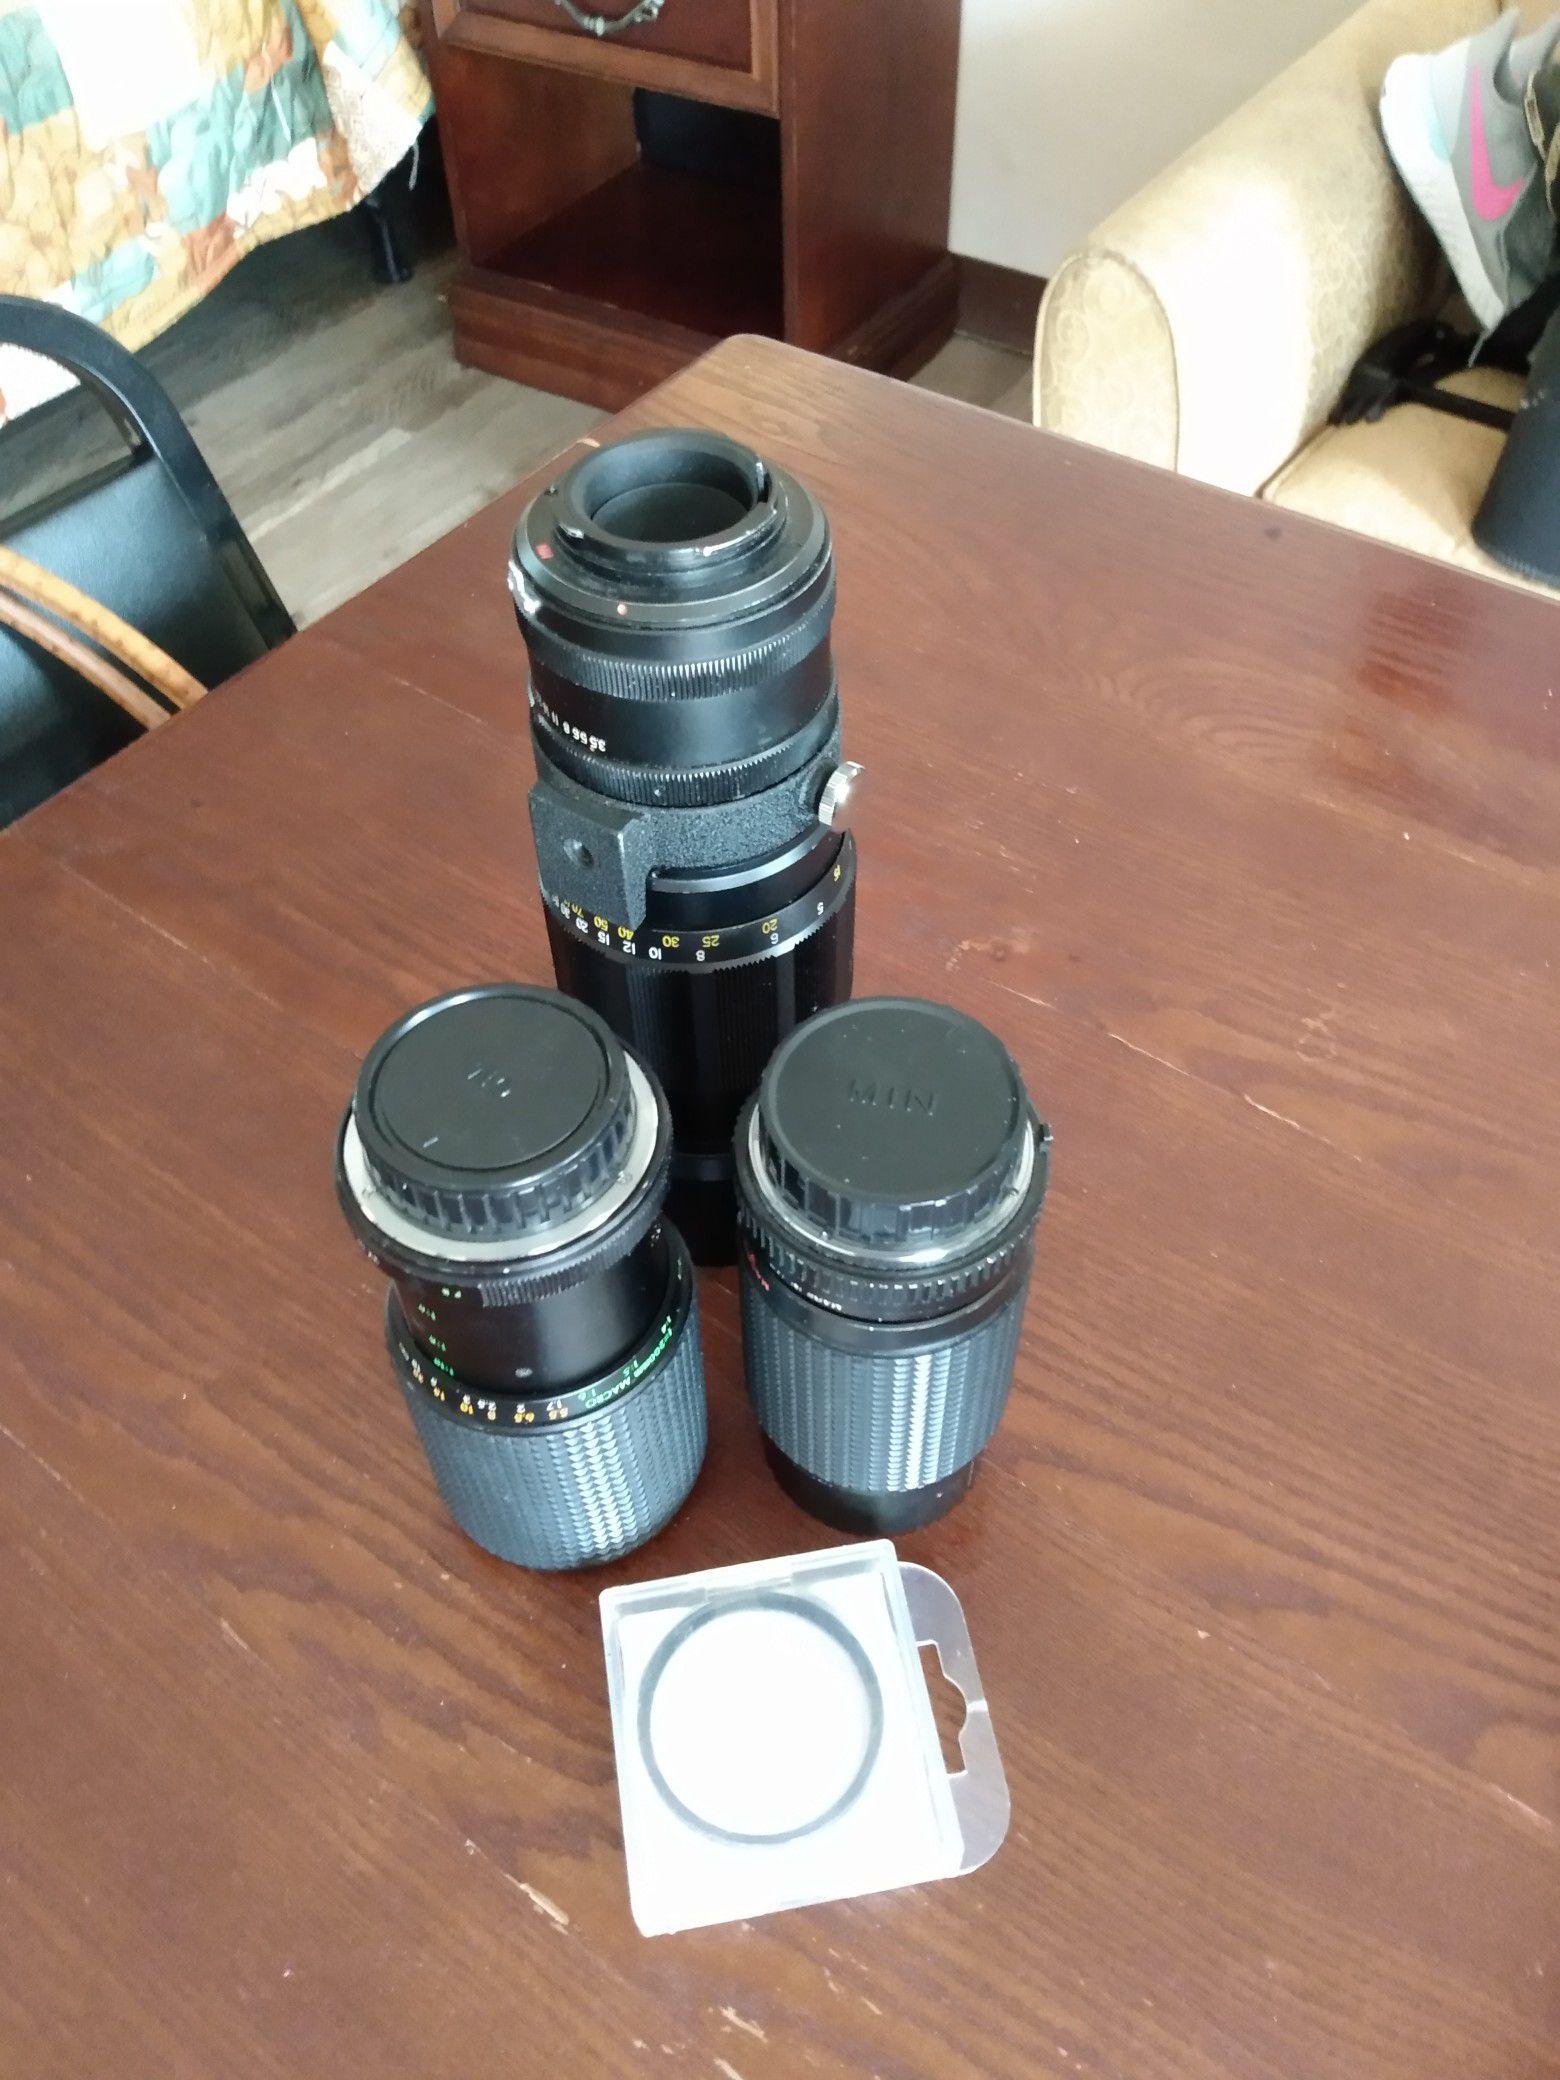 Canon camera lenses